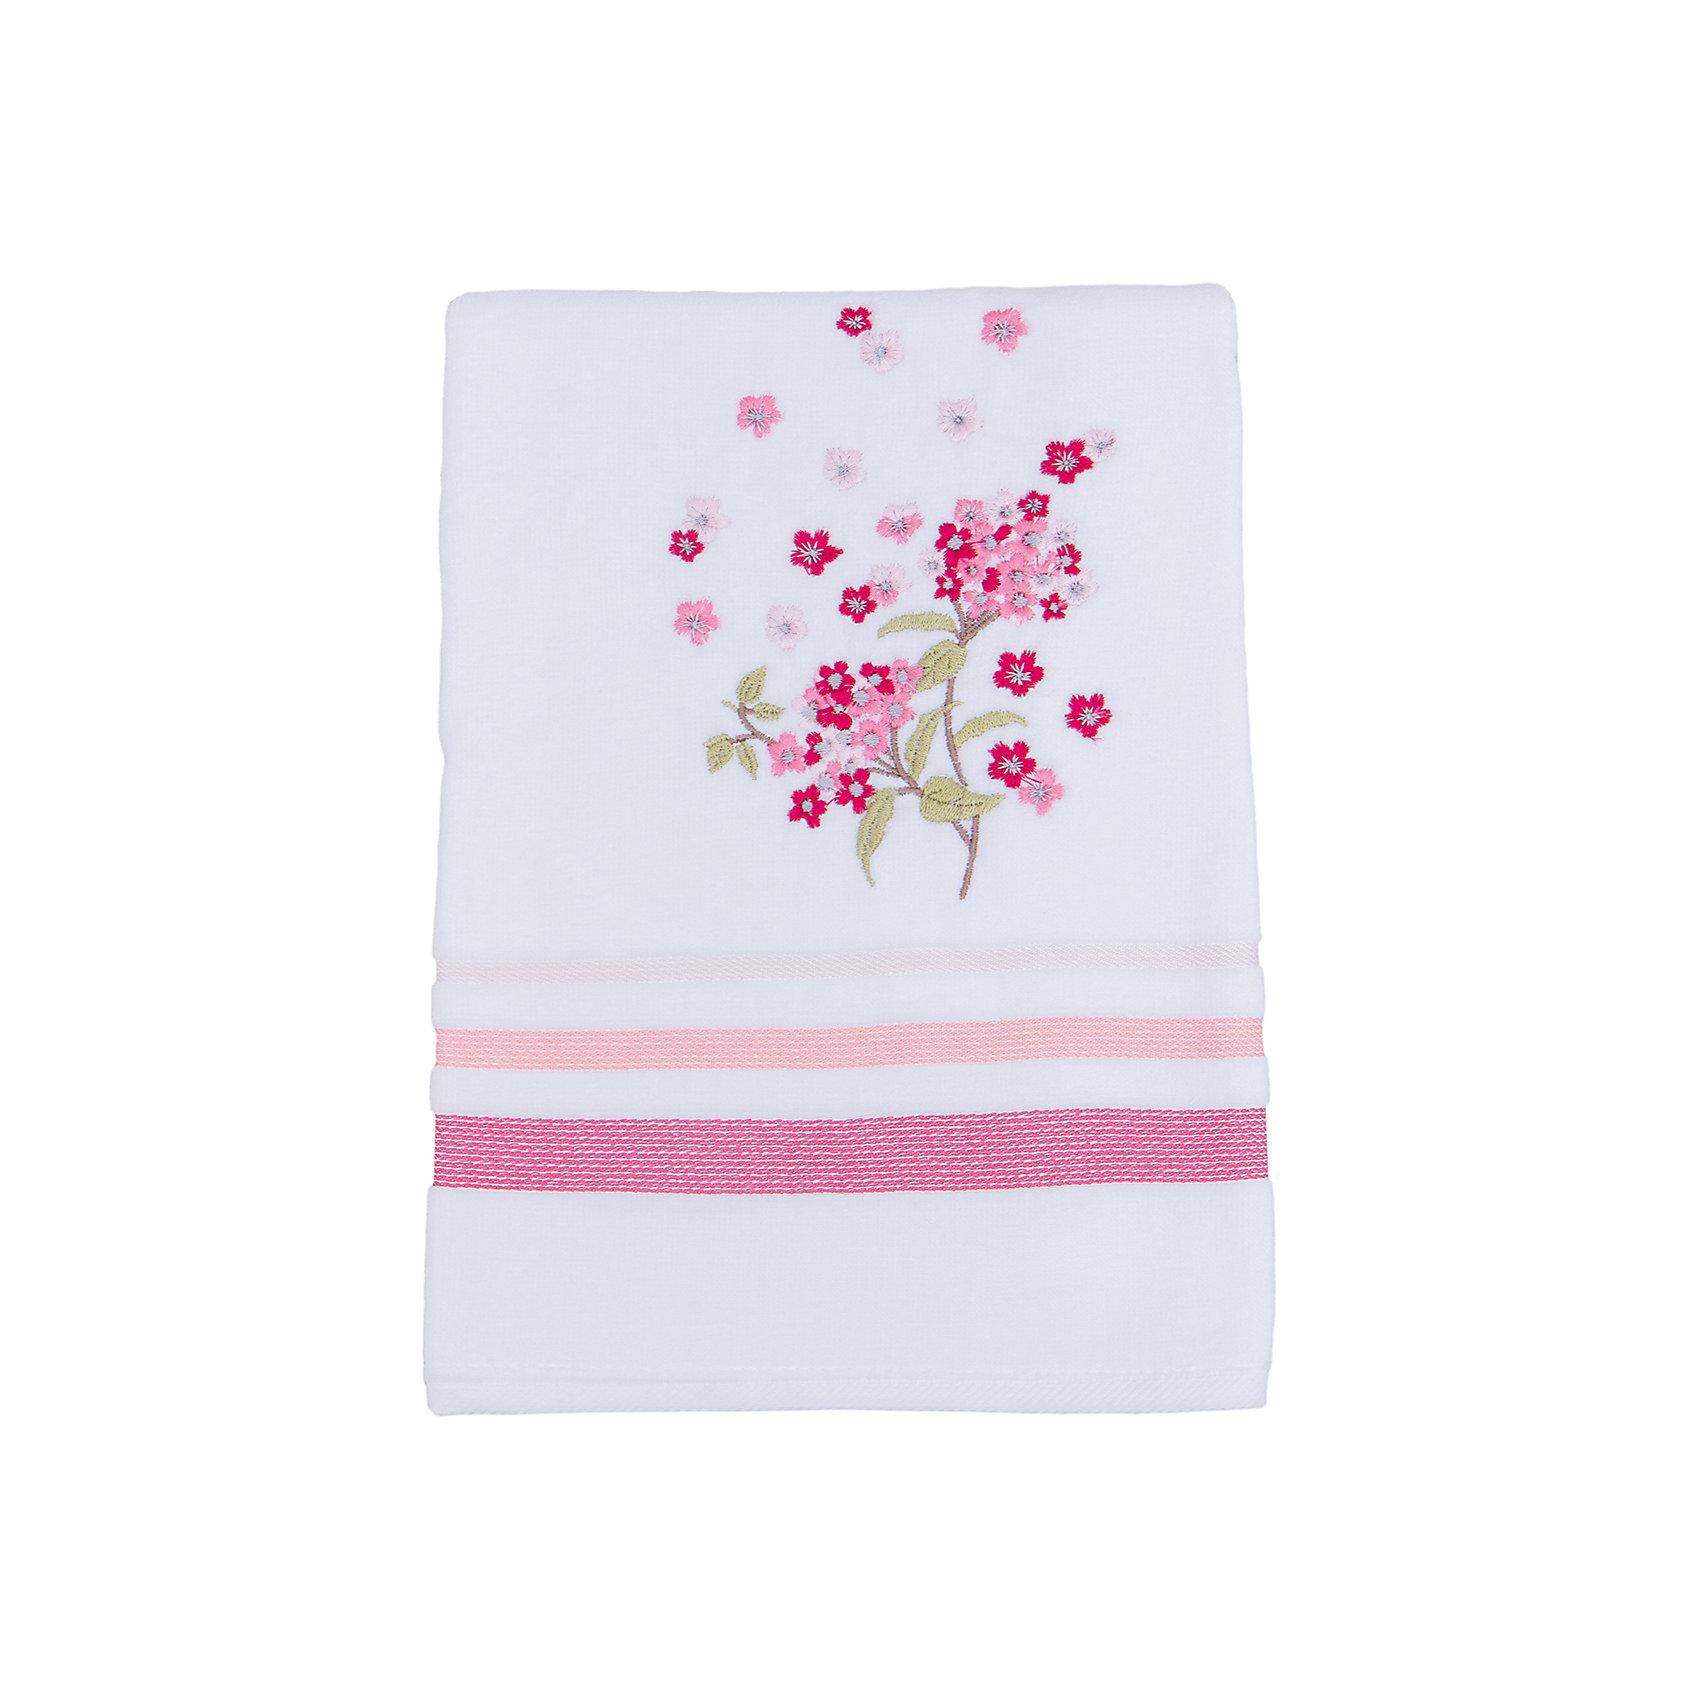 Полотенце подарочное FUSION махровое 50*90, TAC, розовыйВанная комната<br>Характеристика: <br><br>- Материал: махра (100% хлопок).<br>- Размер: 50х90 см.<br>- Плотность: 450гр/м2.<br>- Размер упаковки: 24х3х33 см.<br>- Цвет: розовый.<br><br>Яркое и в тоже время нежное махровое полотенце будет прекрасным подарком к любому празднику!<br><br>Полотенце подарочное FUSION махровое, можно купить в нашем магазине.<br><br>Ширина мм: 240<br>Глубина мм: 30<br>Высота мм: 330<br>Вес г: 400<br>Возраст от месяцев: 0<br>Возраст до месяцев: 84<br>Пол: Женский<br>Возраст: Детский<br>SKU: 5124067